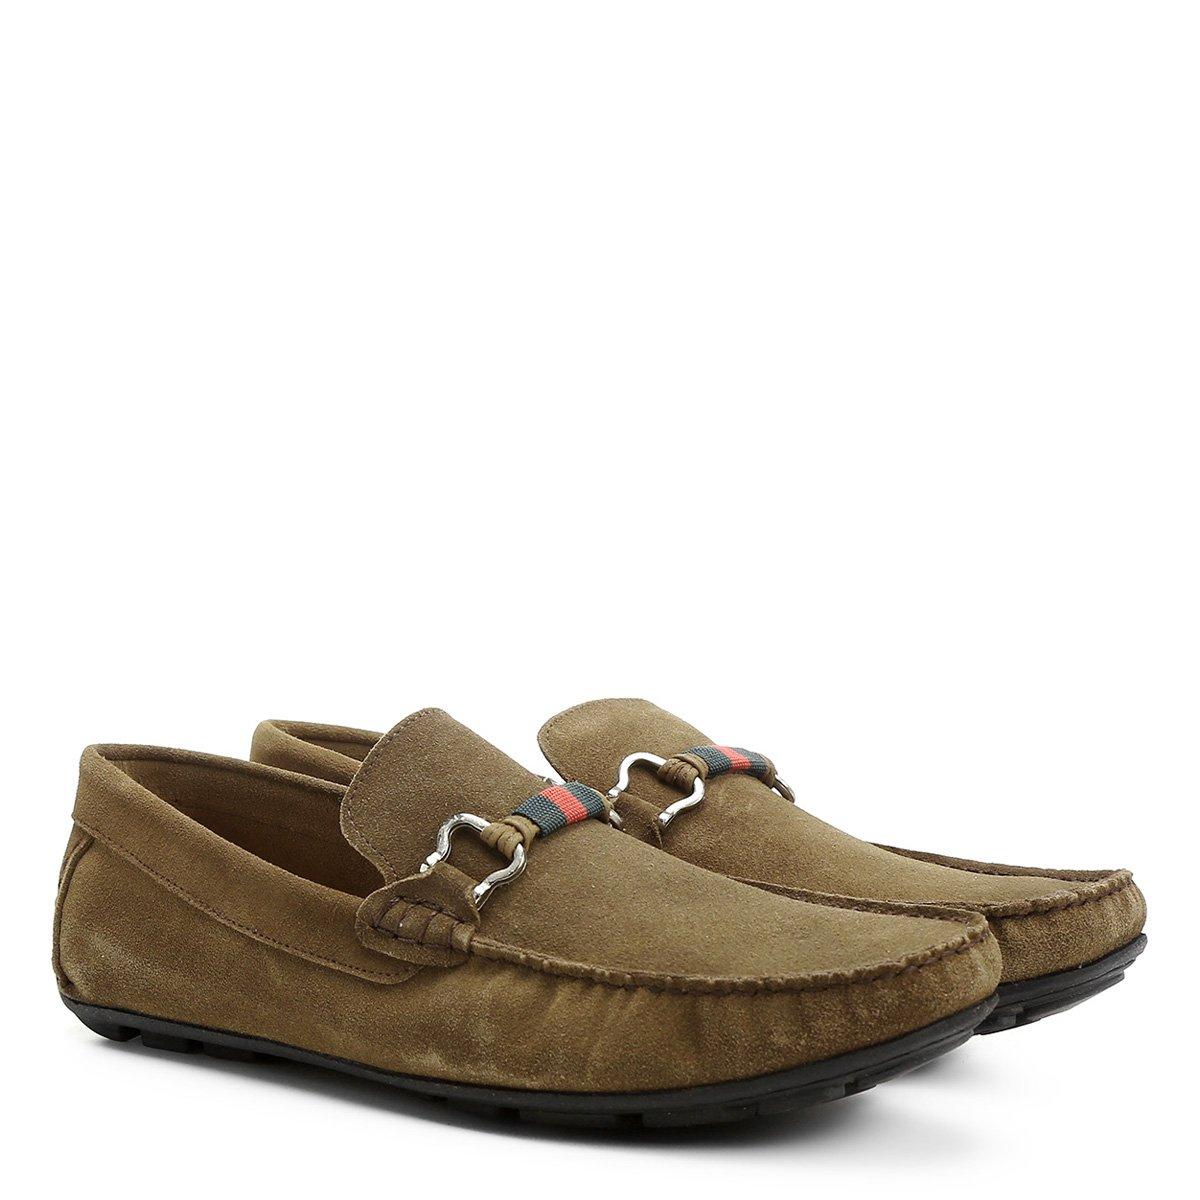 96cef7f610 Mocassim Couro Shoestock Gorgurão Masculino - Compre Agora